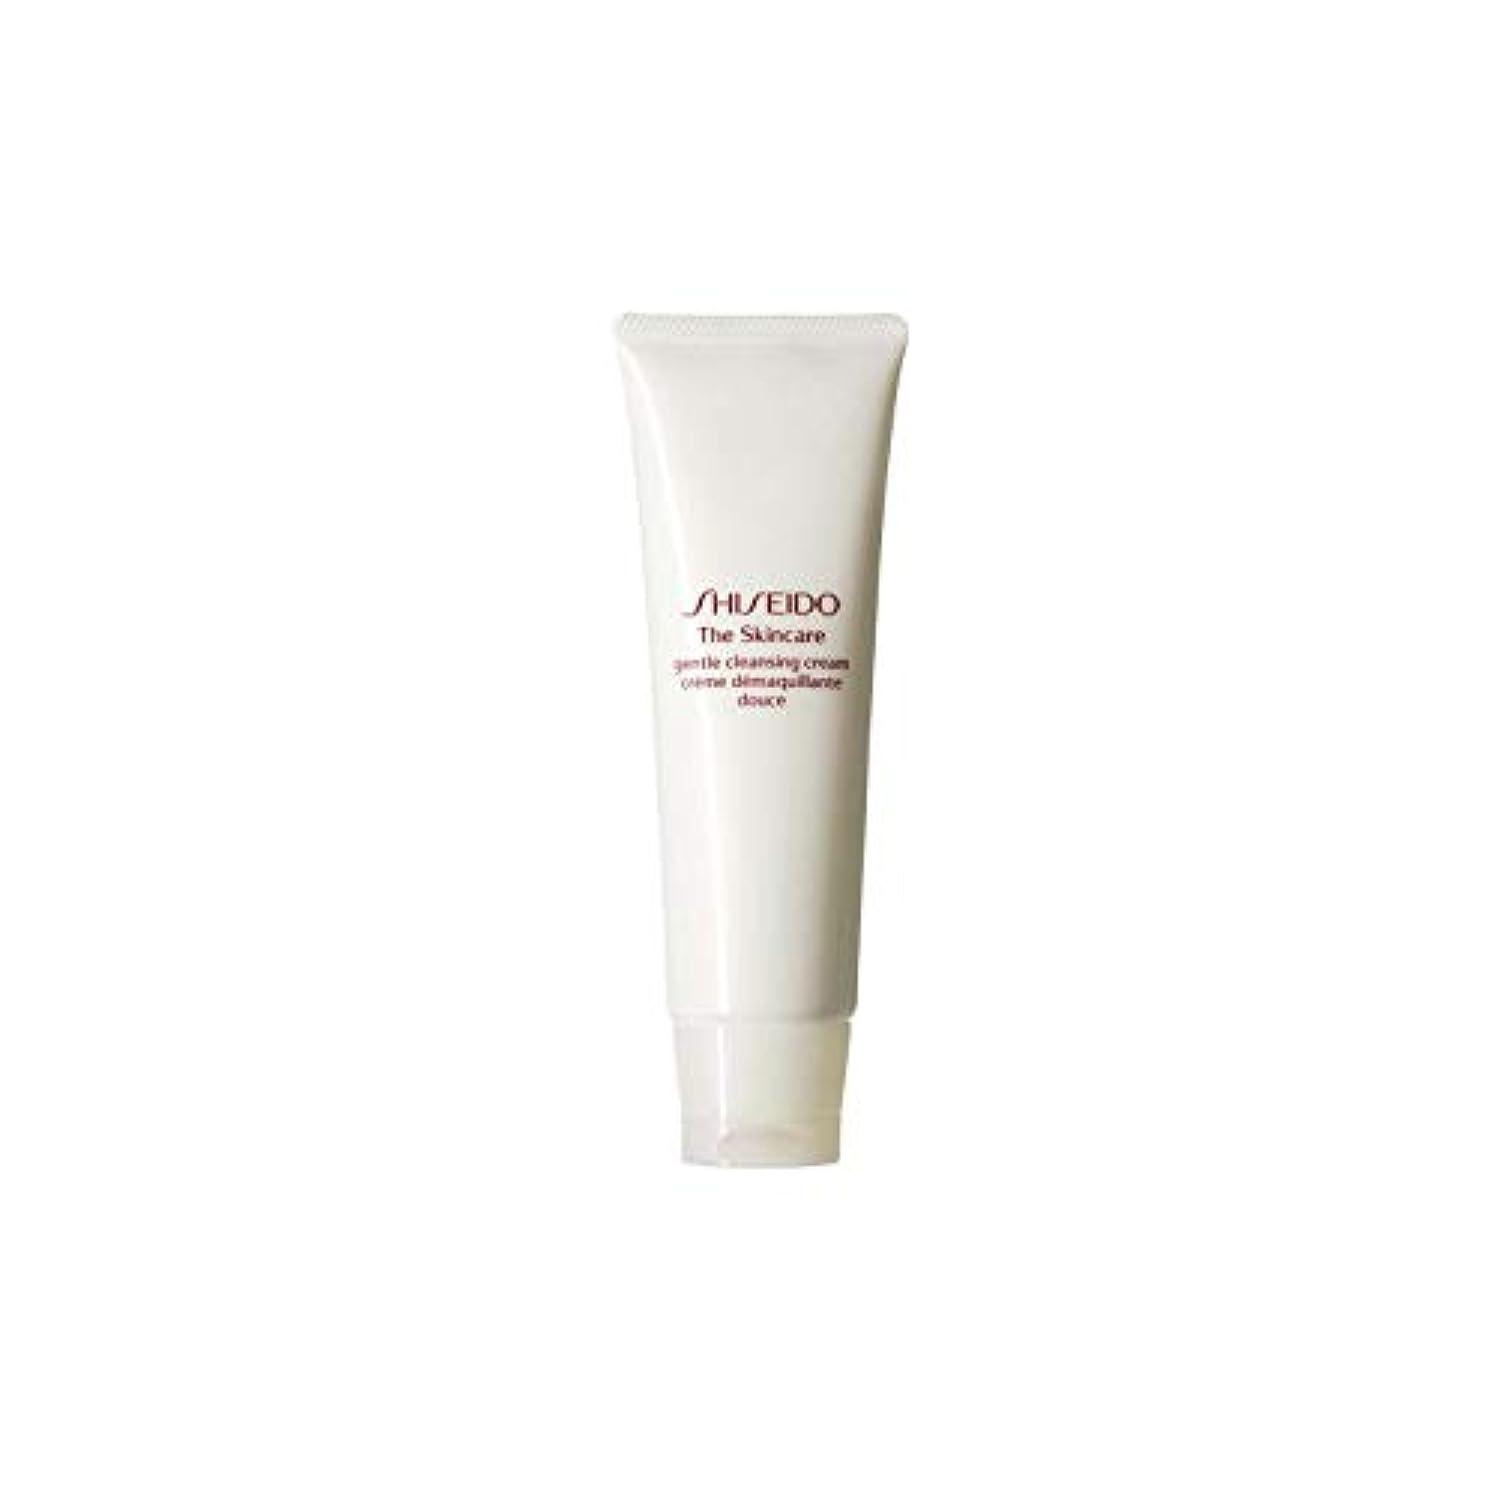 データベース漁師ドメイン[Shiseido ] 資生堂スキンケアの必需品ジェントルクレンジングクリーム(125ミリリットル) - Shiseido The Skincare Essentials Gentle Cleansing Cream (...